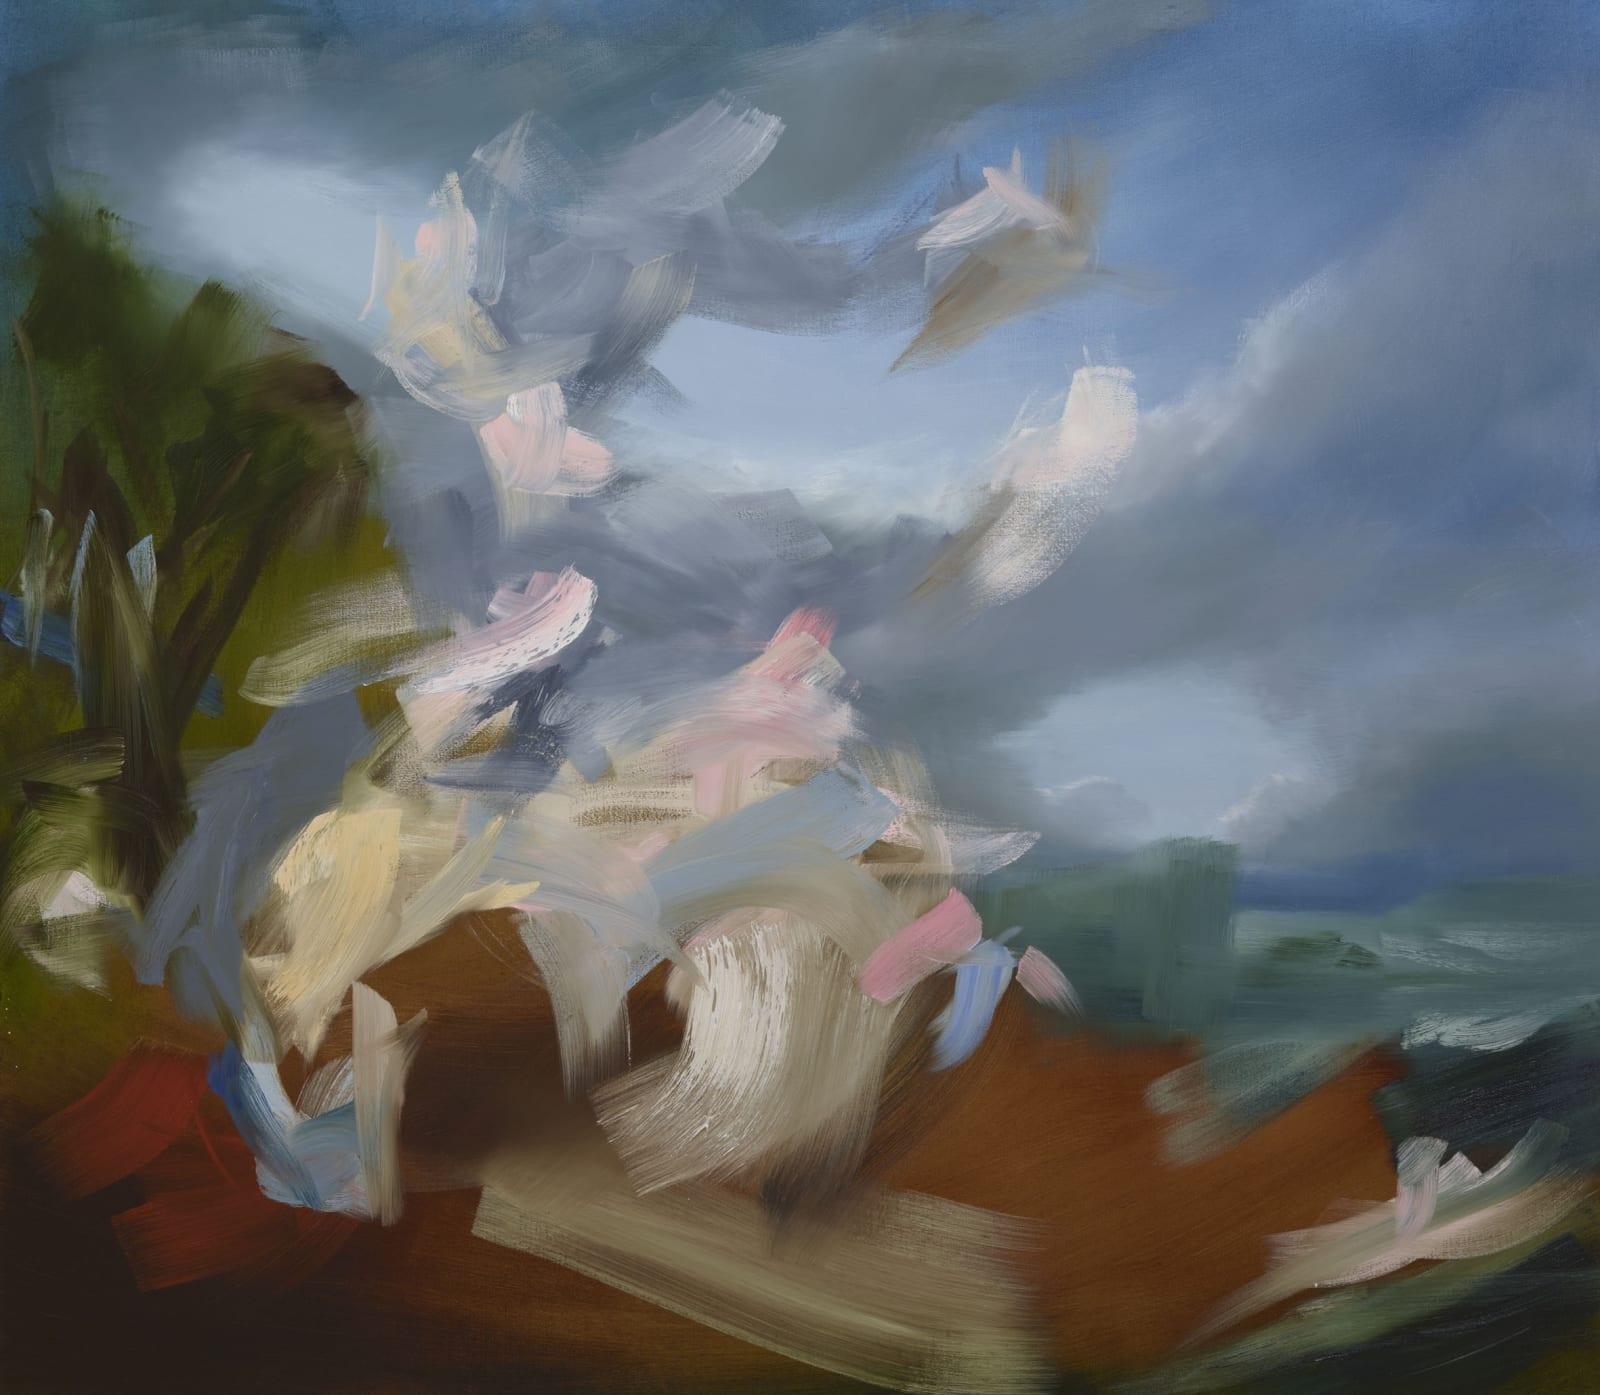 Europa Consensual (Boucher) oil on canvas 122cm x 152cm (48